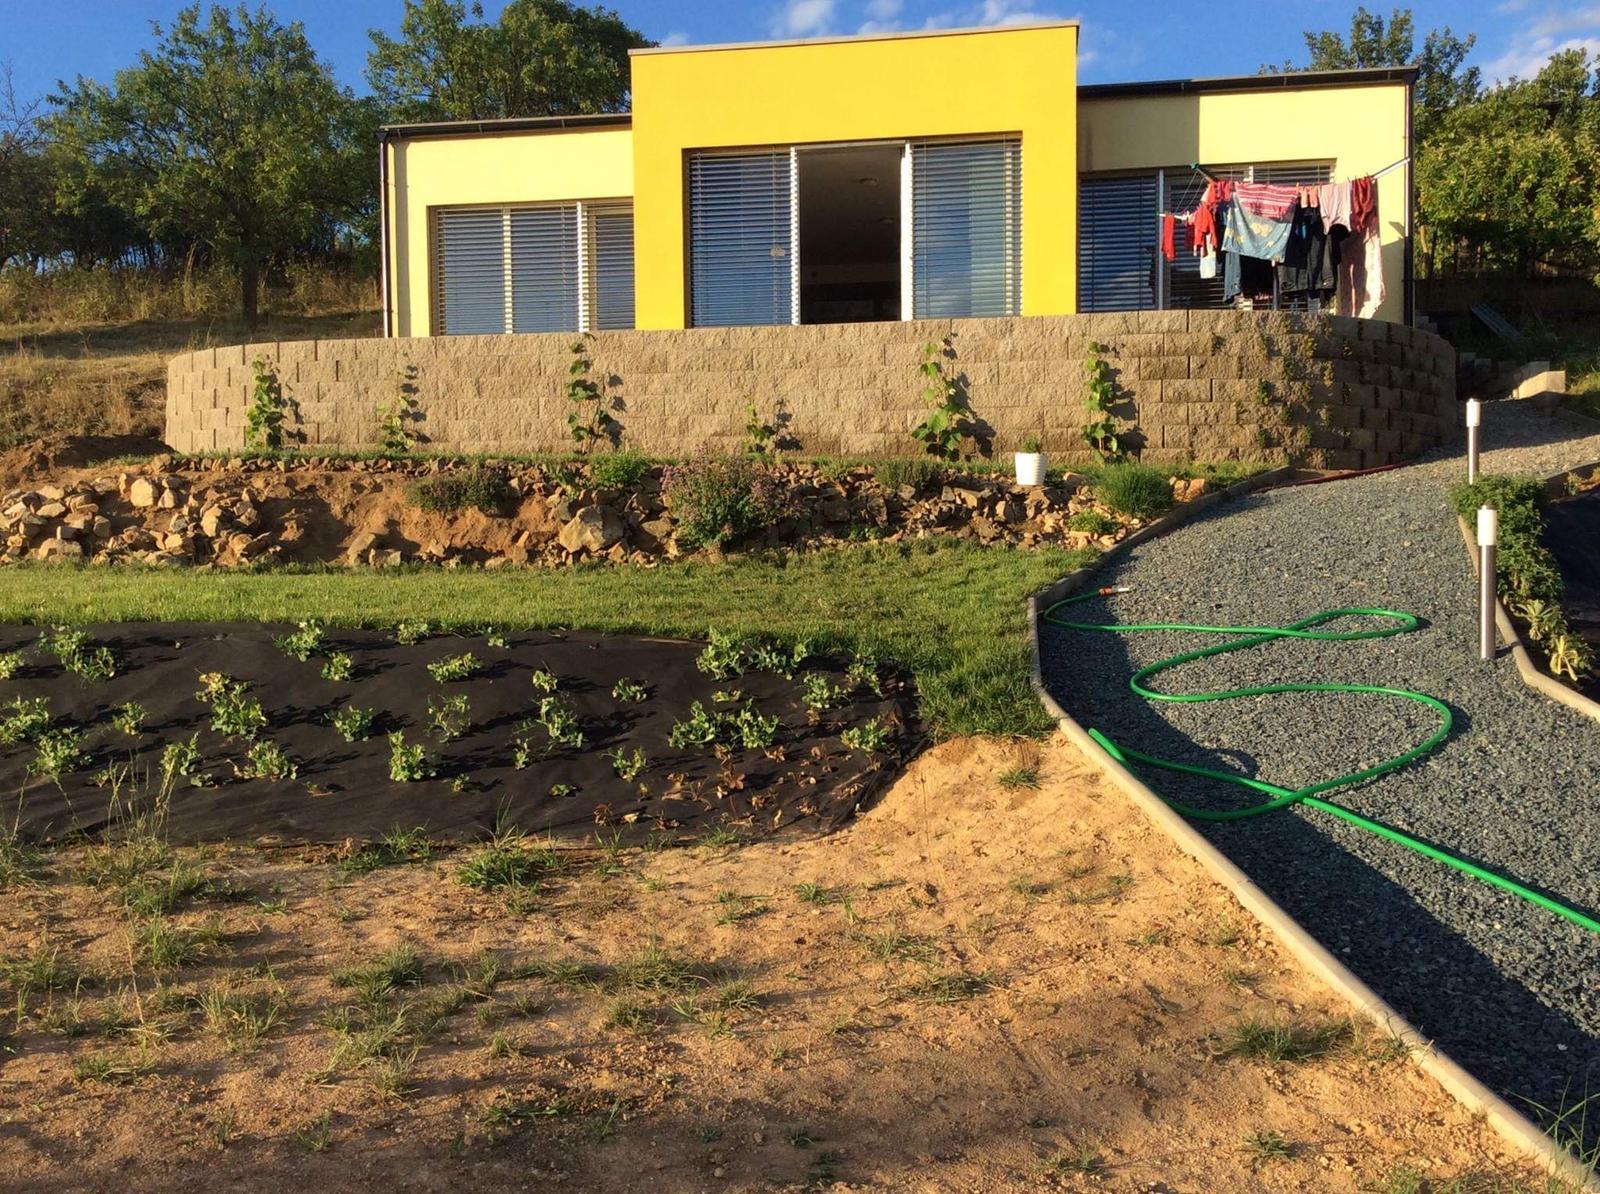 Skřítčí zahrada 2015 - 2020 - Červenec 2018 (podvečer) - zídka je komplet, bylinková skalka je hotová tak z 1/3, 2 terasy jsou oseté trávou, vinná réva roste, na místě jahod zatím roste hrášek